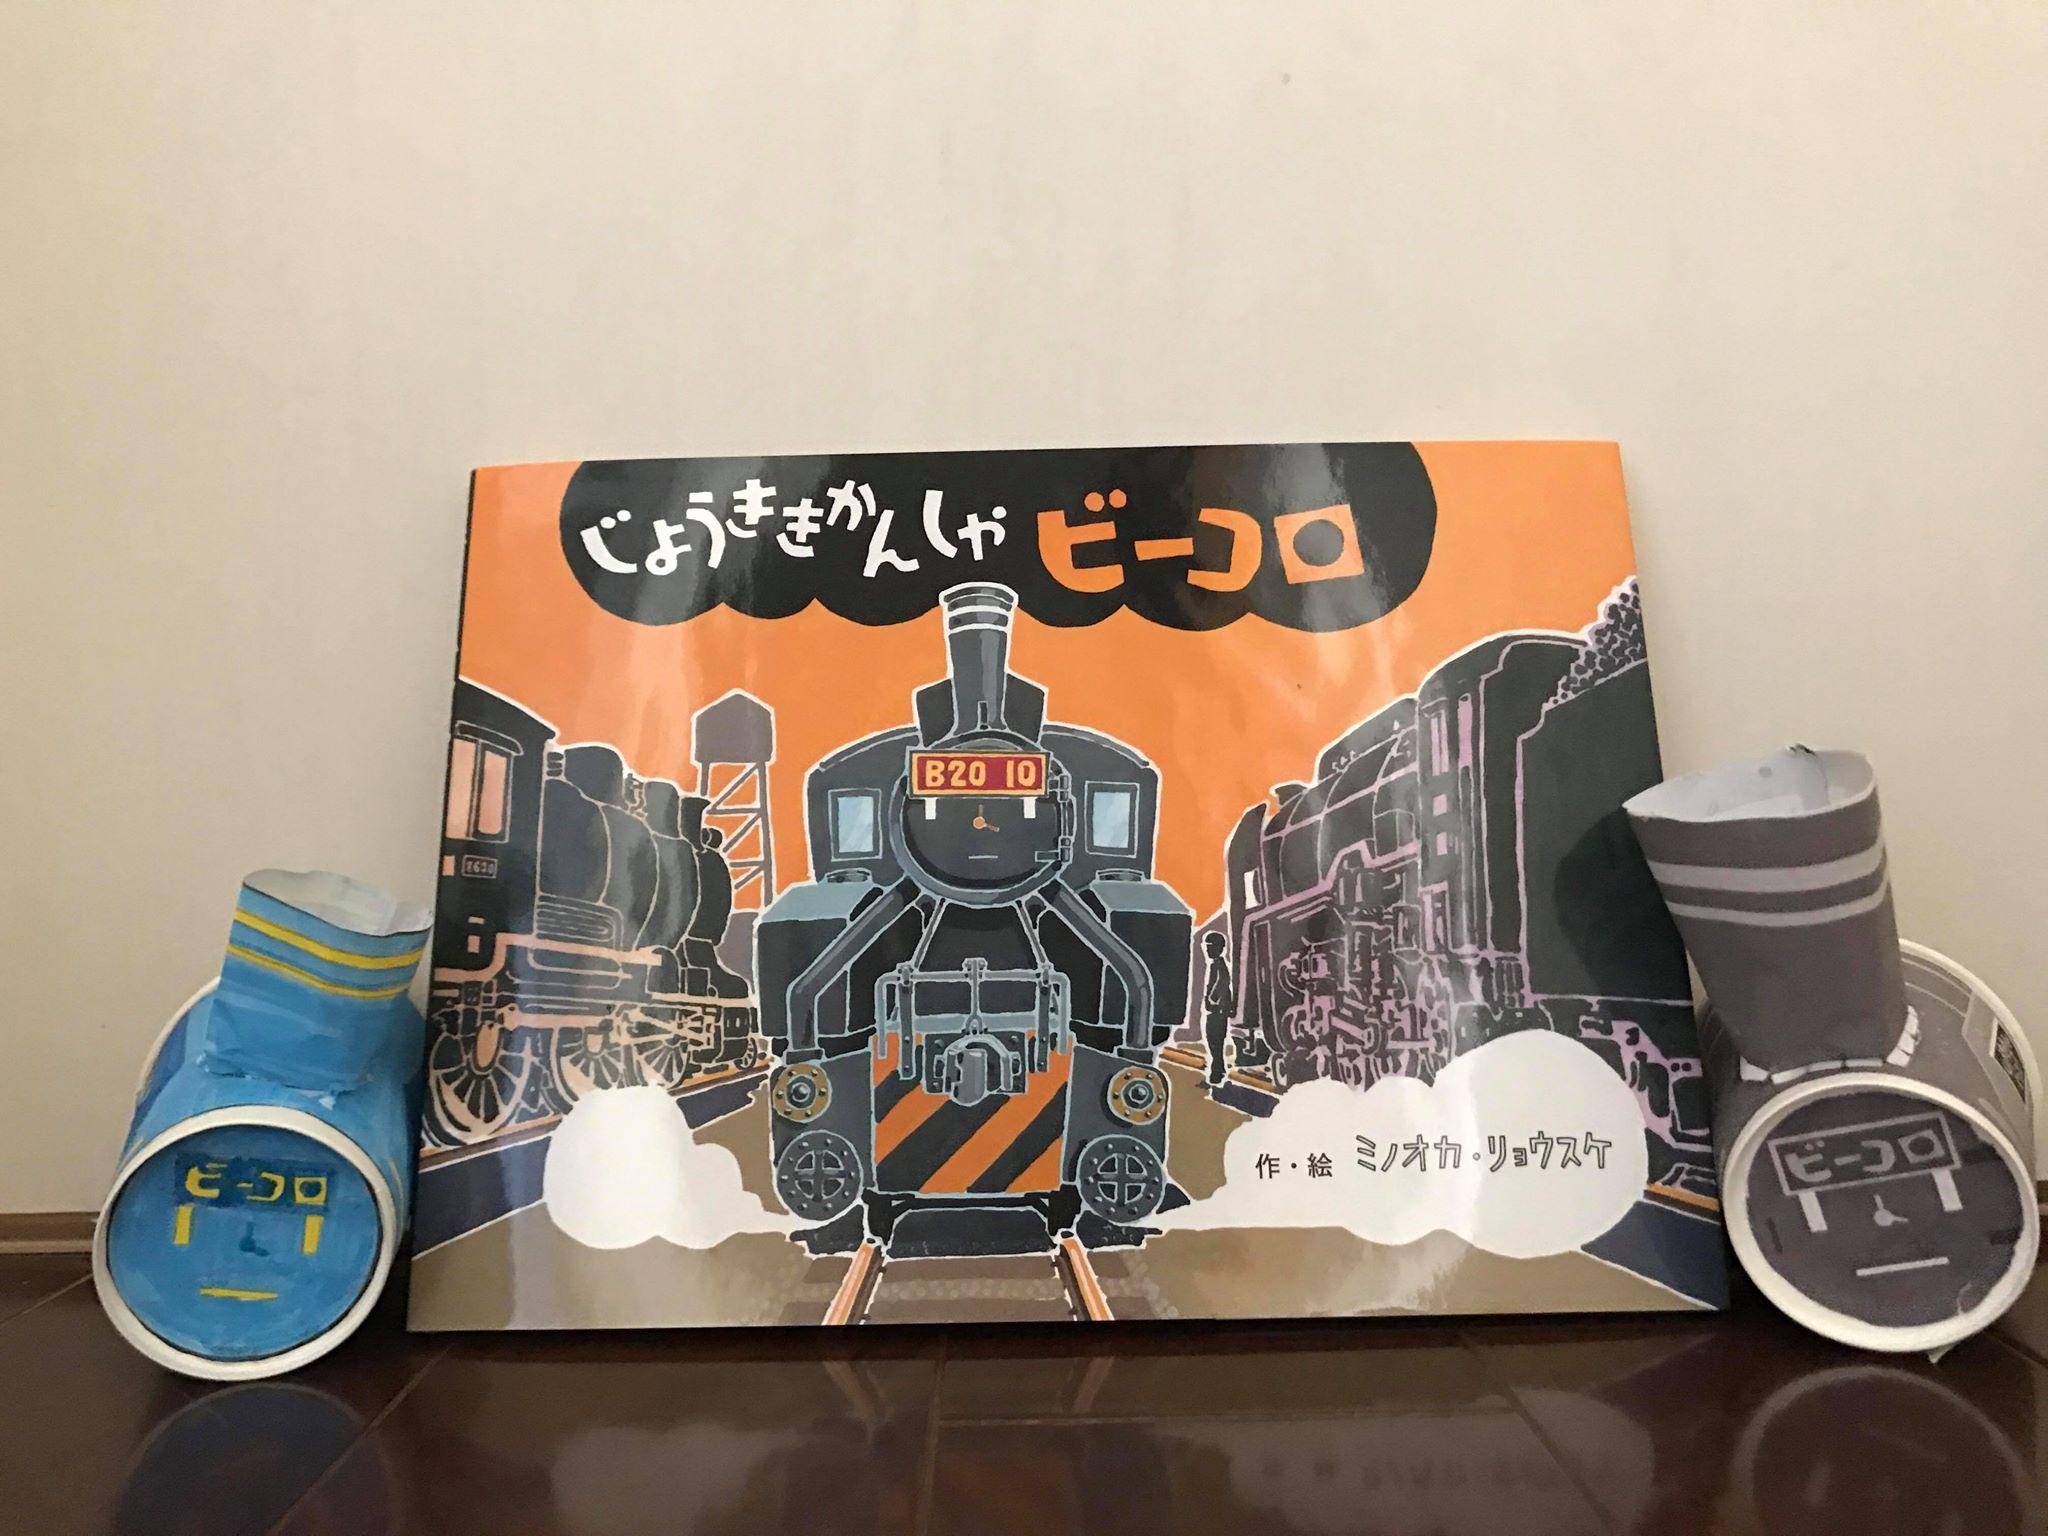 【ママとね♡アヒル文庫 vol.47】『じょうききかんしゃビーコロ』